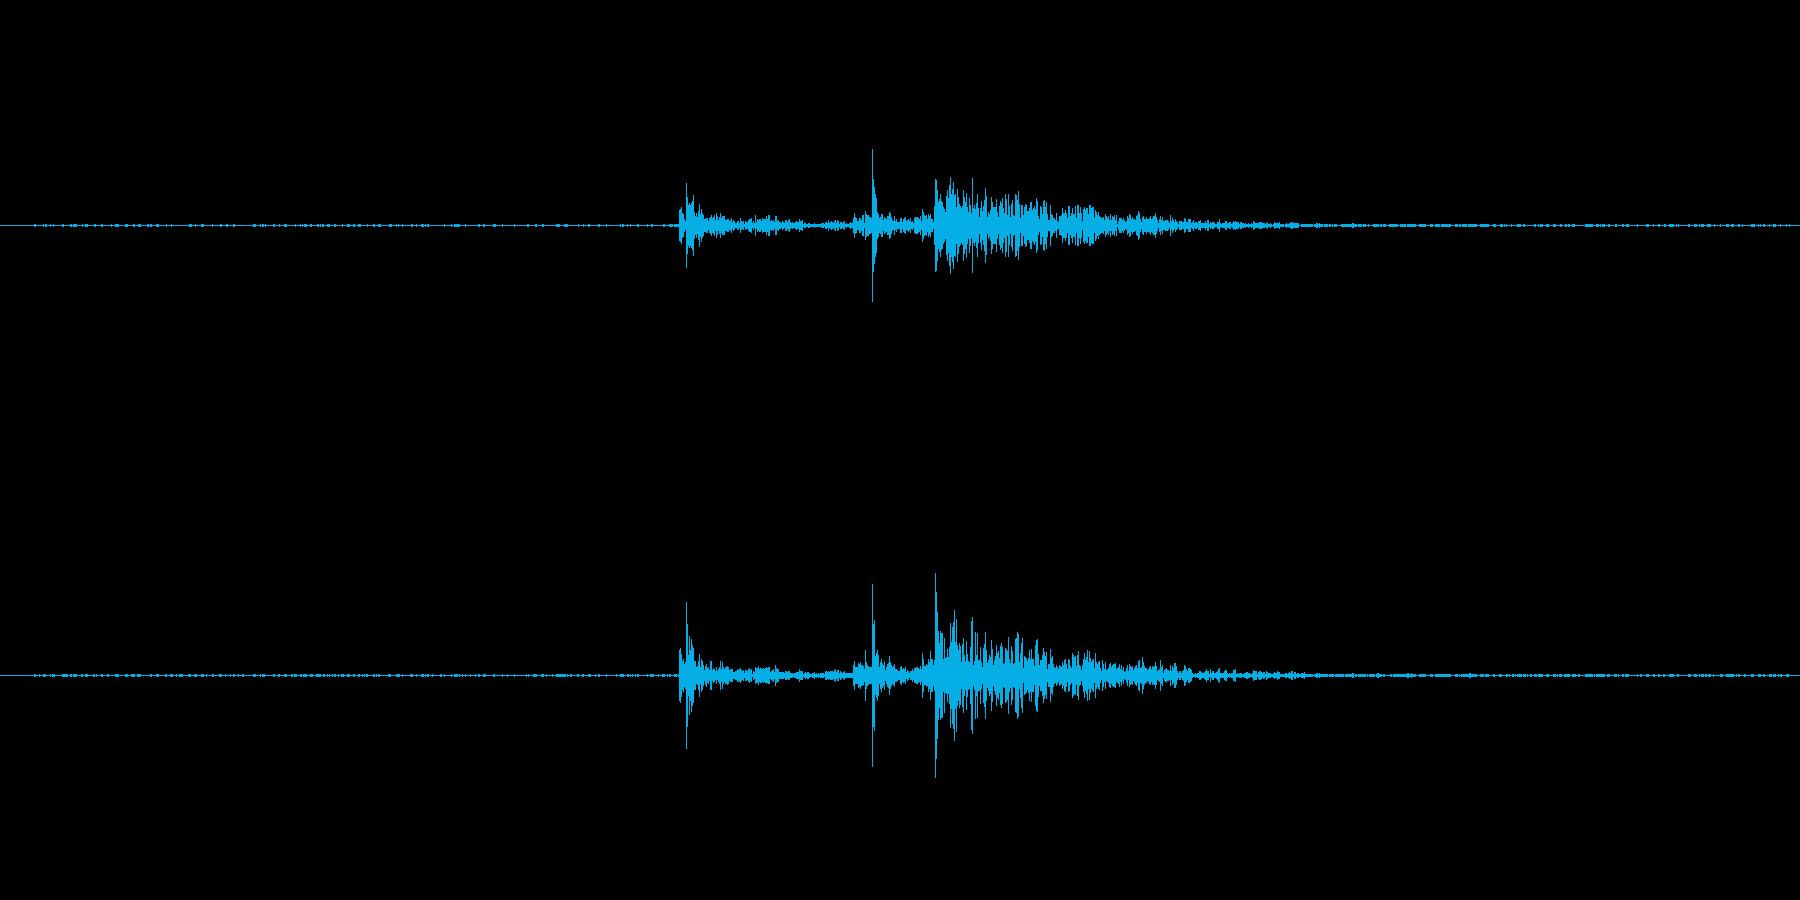 「ぼぼん」の再生済みの波形